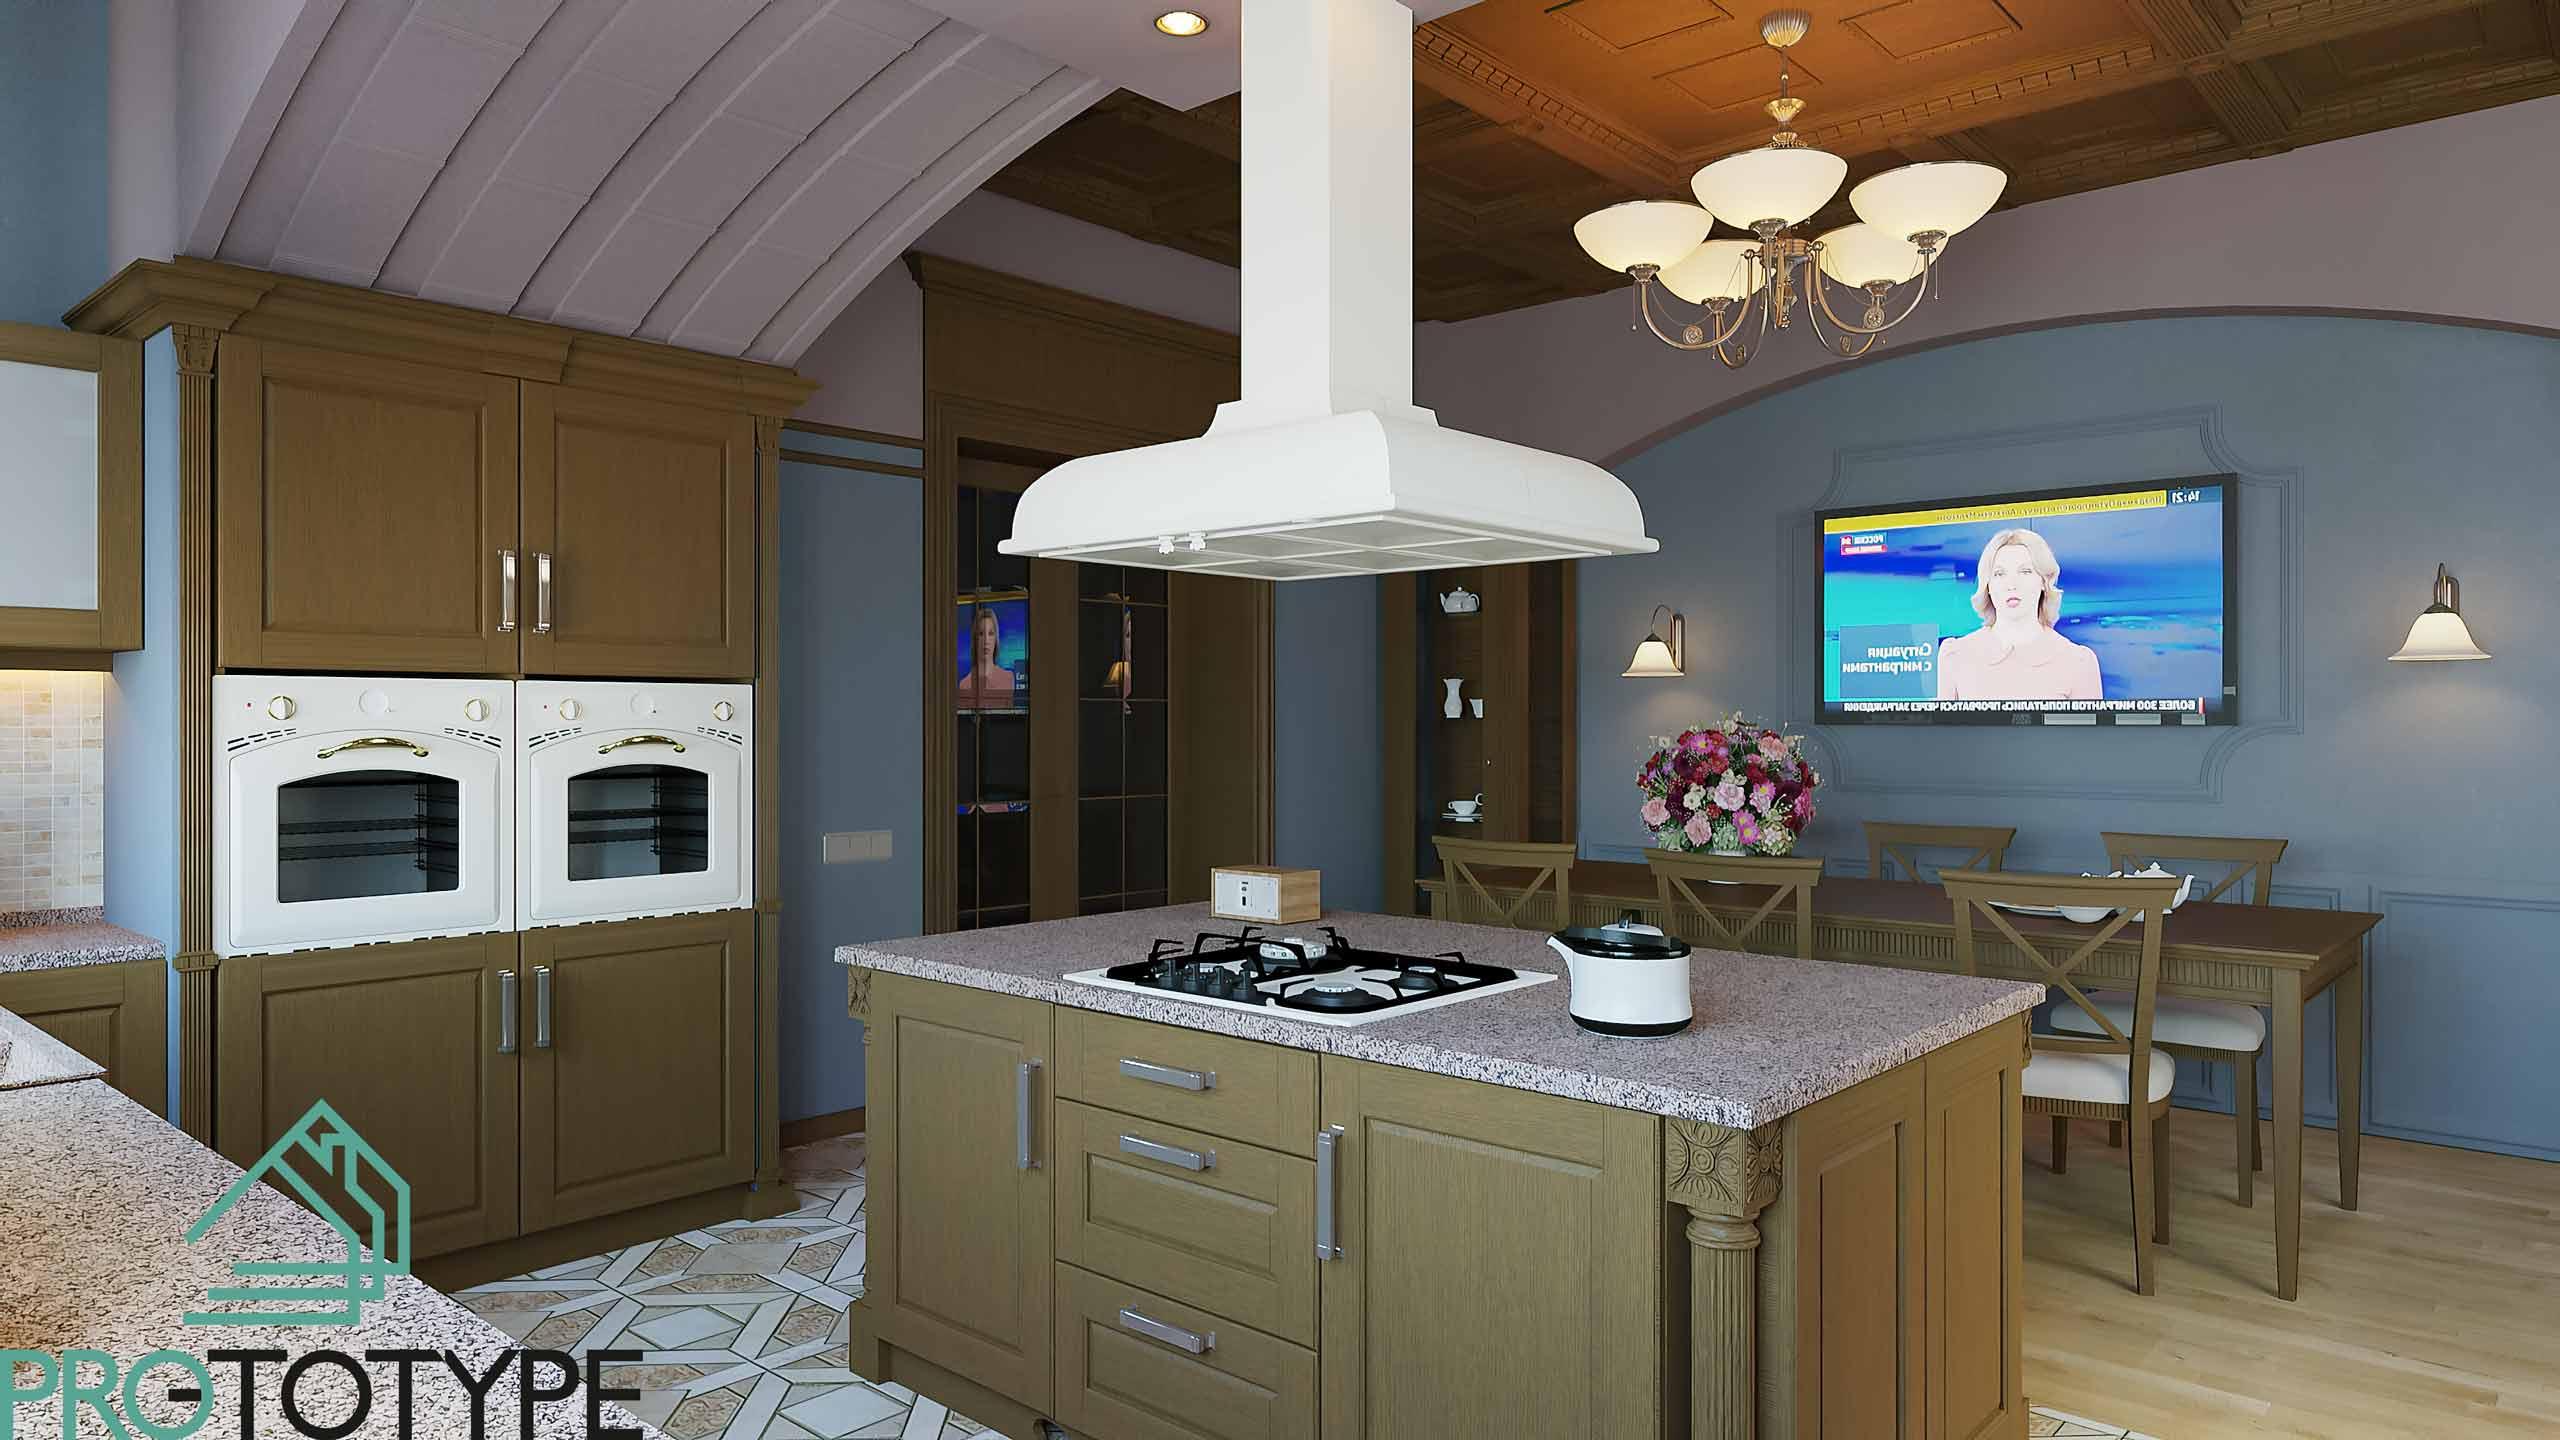 Пропорции в классическом интерьере кухни-столовой